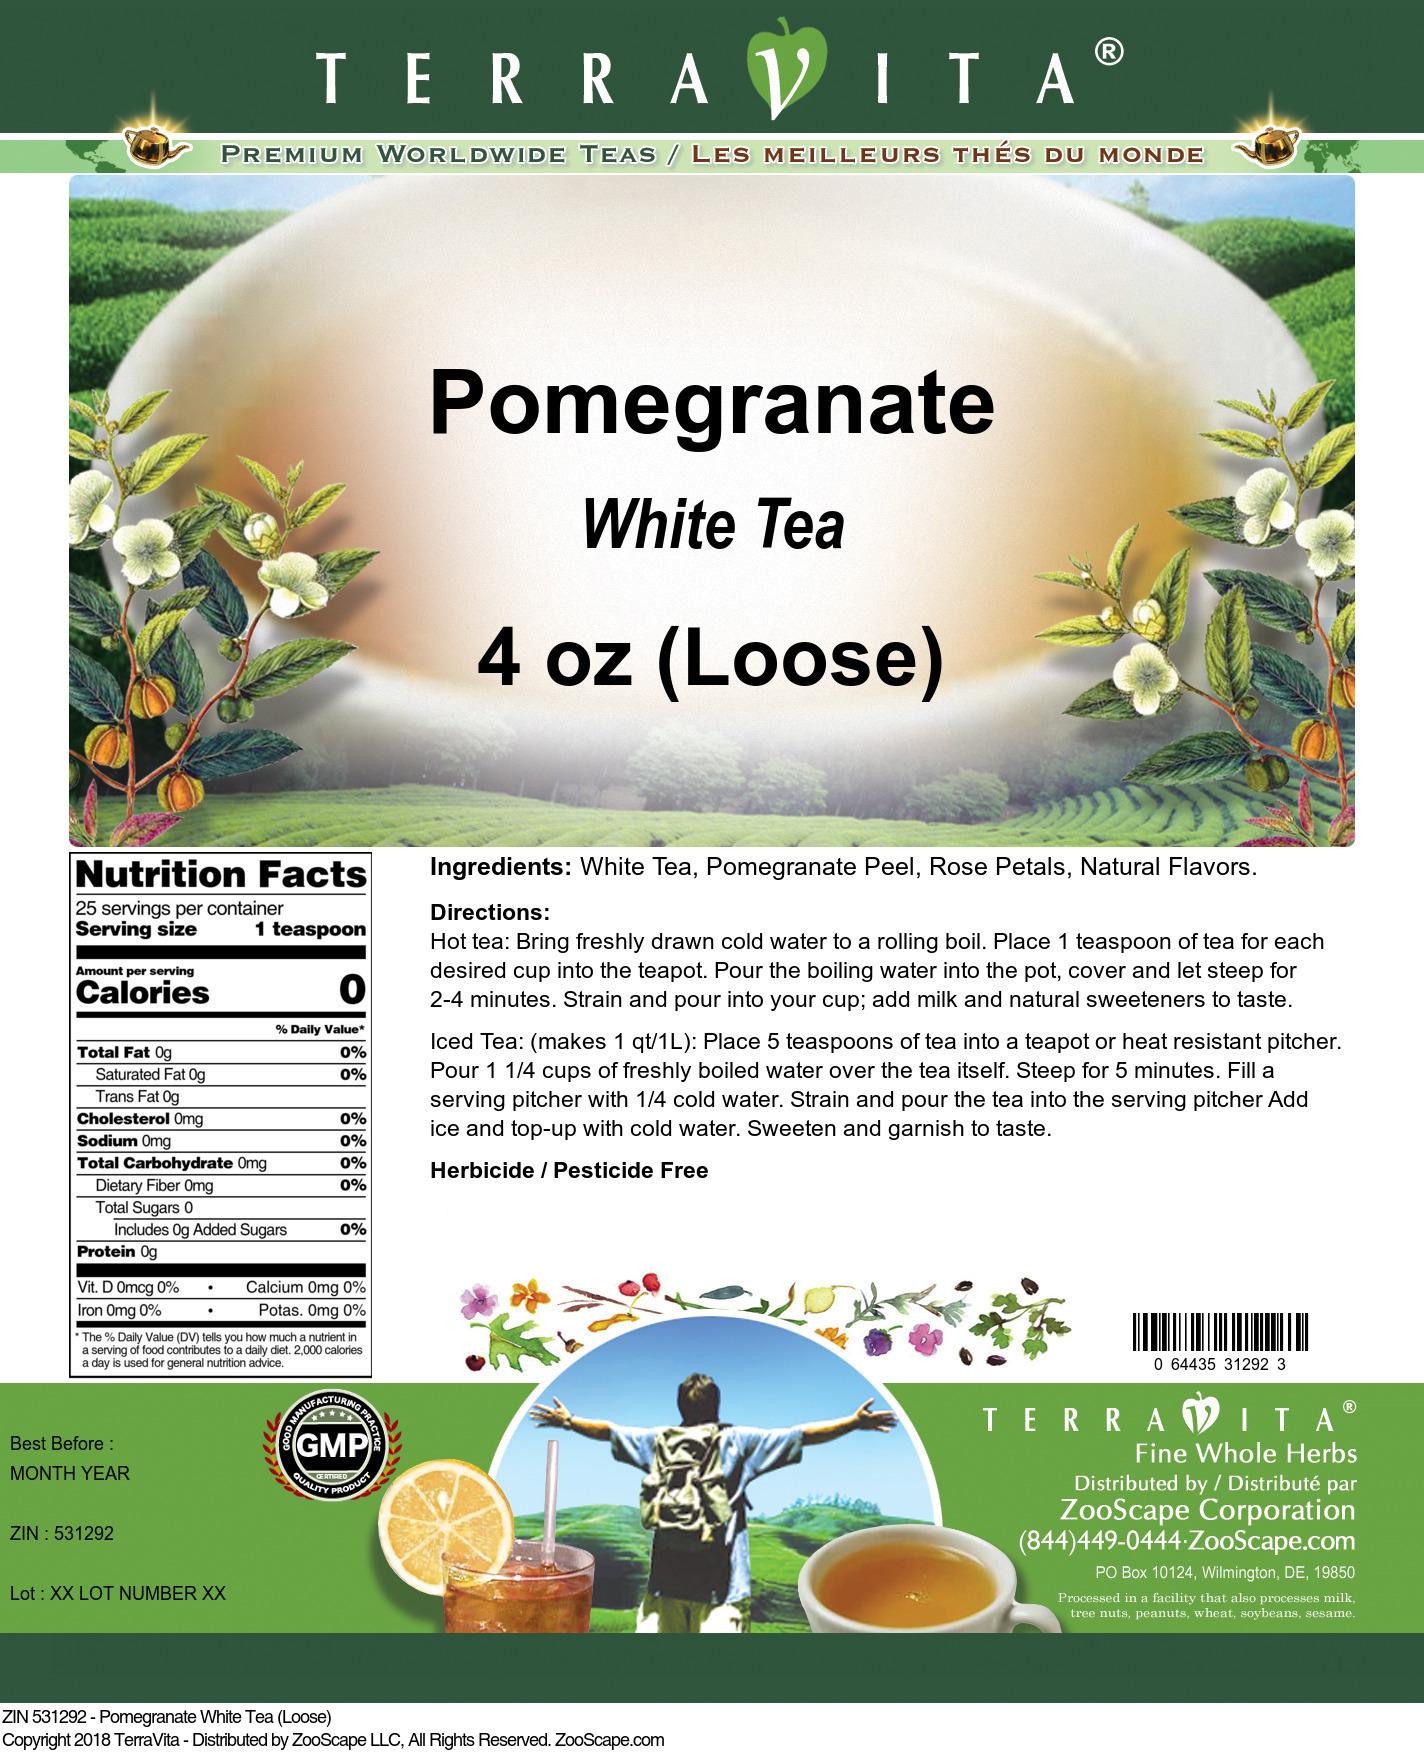 Pomegranate White Tea